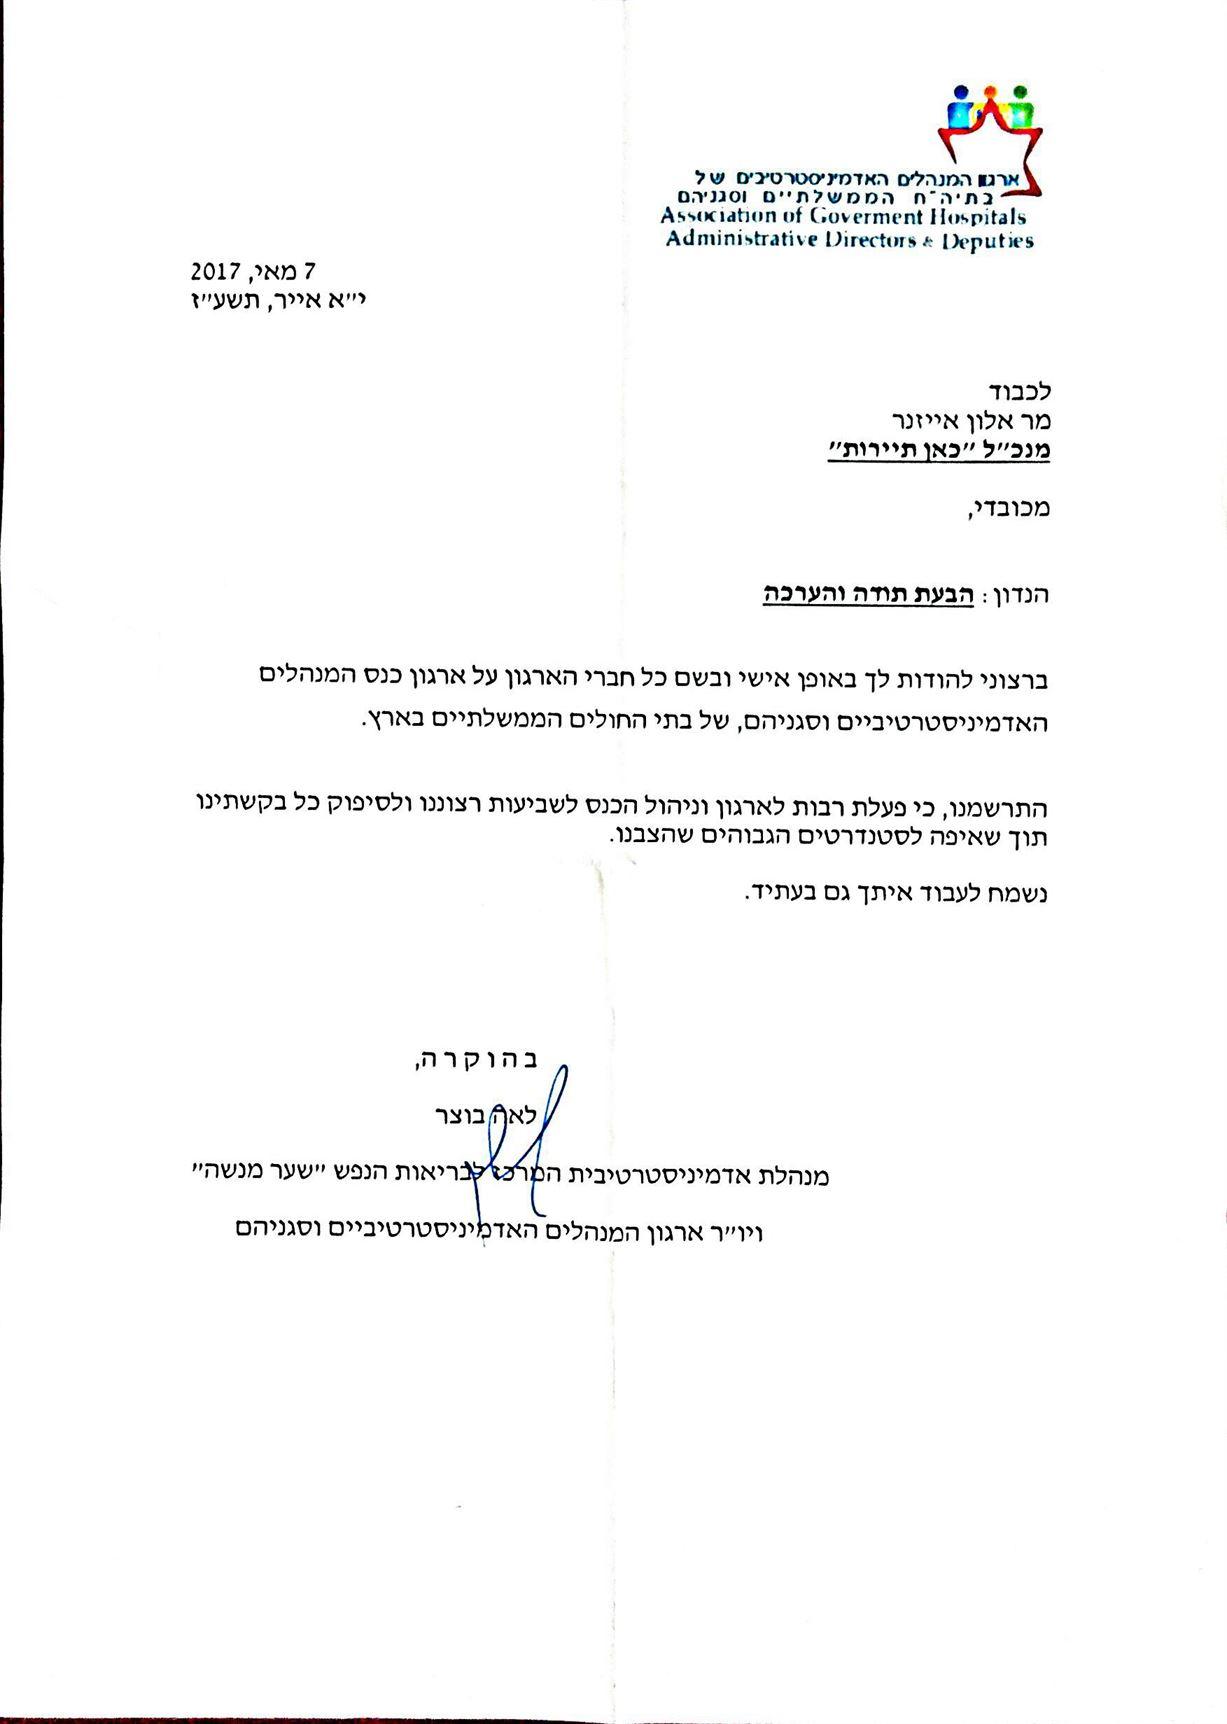 מכתב תודה מכנס מנהלים אדמינסטרטיבי של בתי החולים הממשלתיים